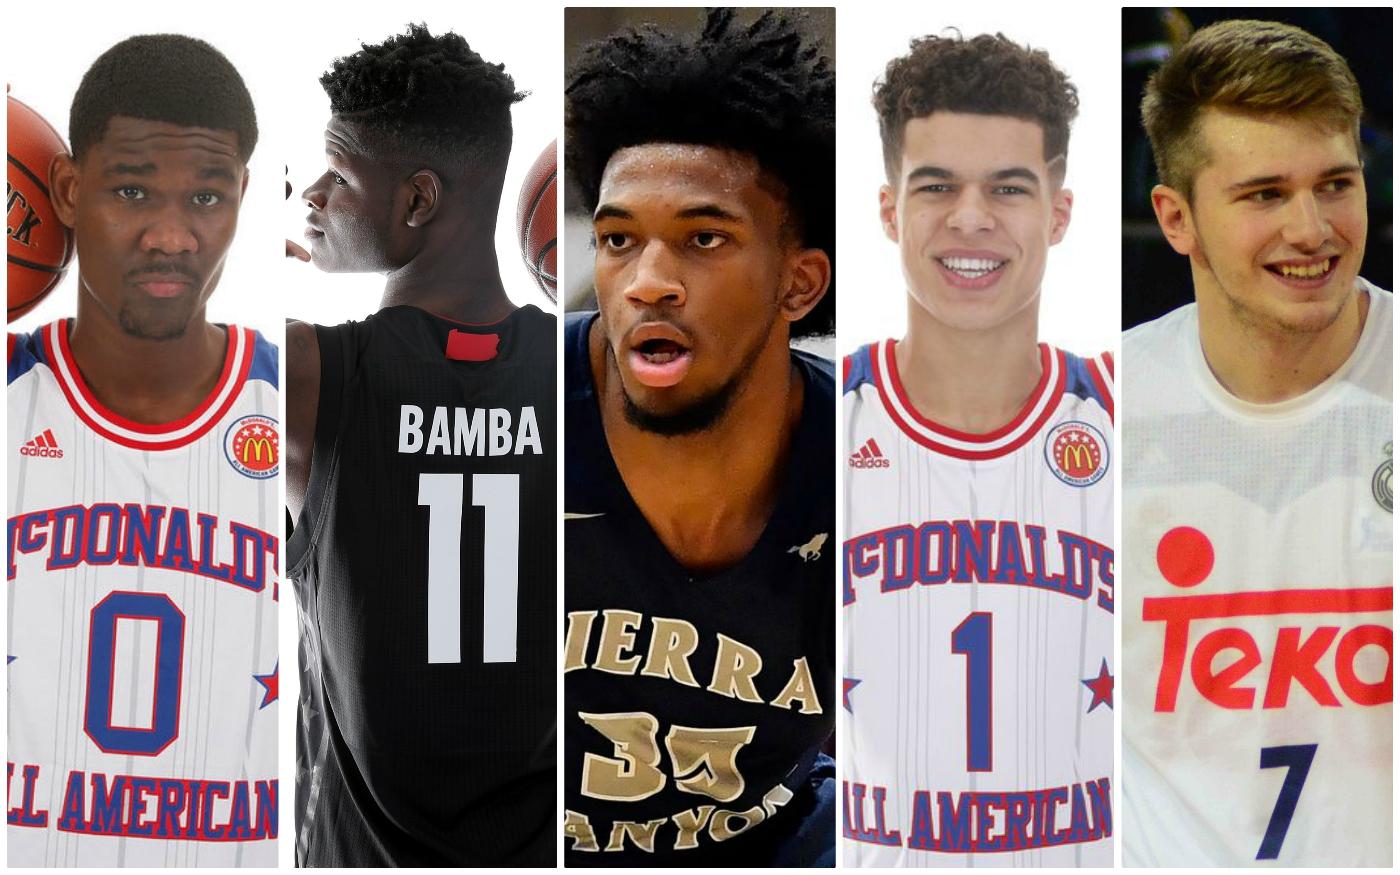 Les 5 talents capables d'être n°1 de la Draft 2018